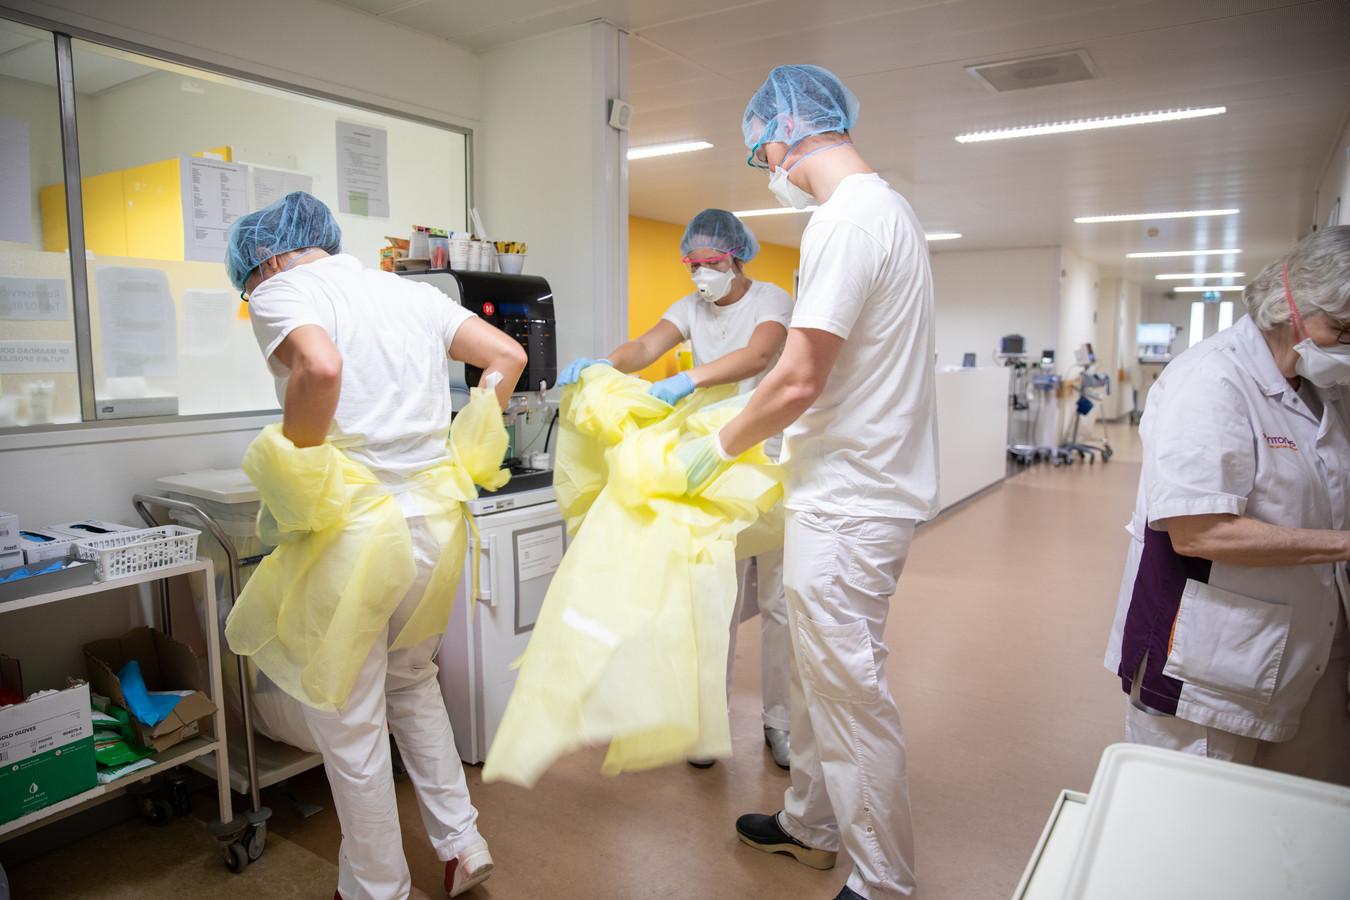 Uittrekken van de schorten vóór de verpleegkundigen de afdeling af kunnen.